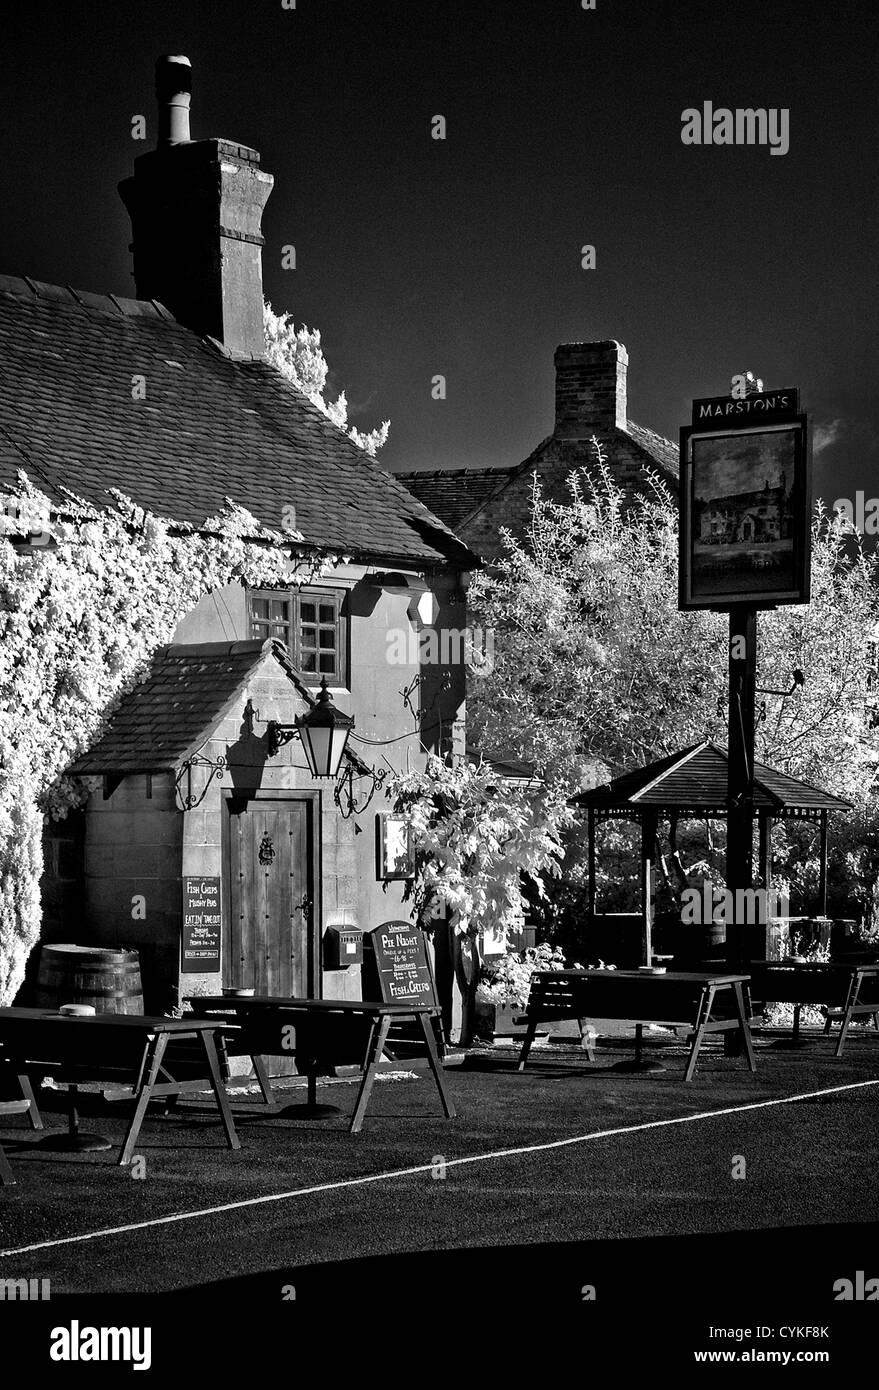 La Taverne Denstone en monochrome infrarouge Banque D'Images